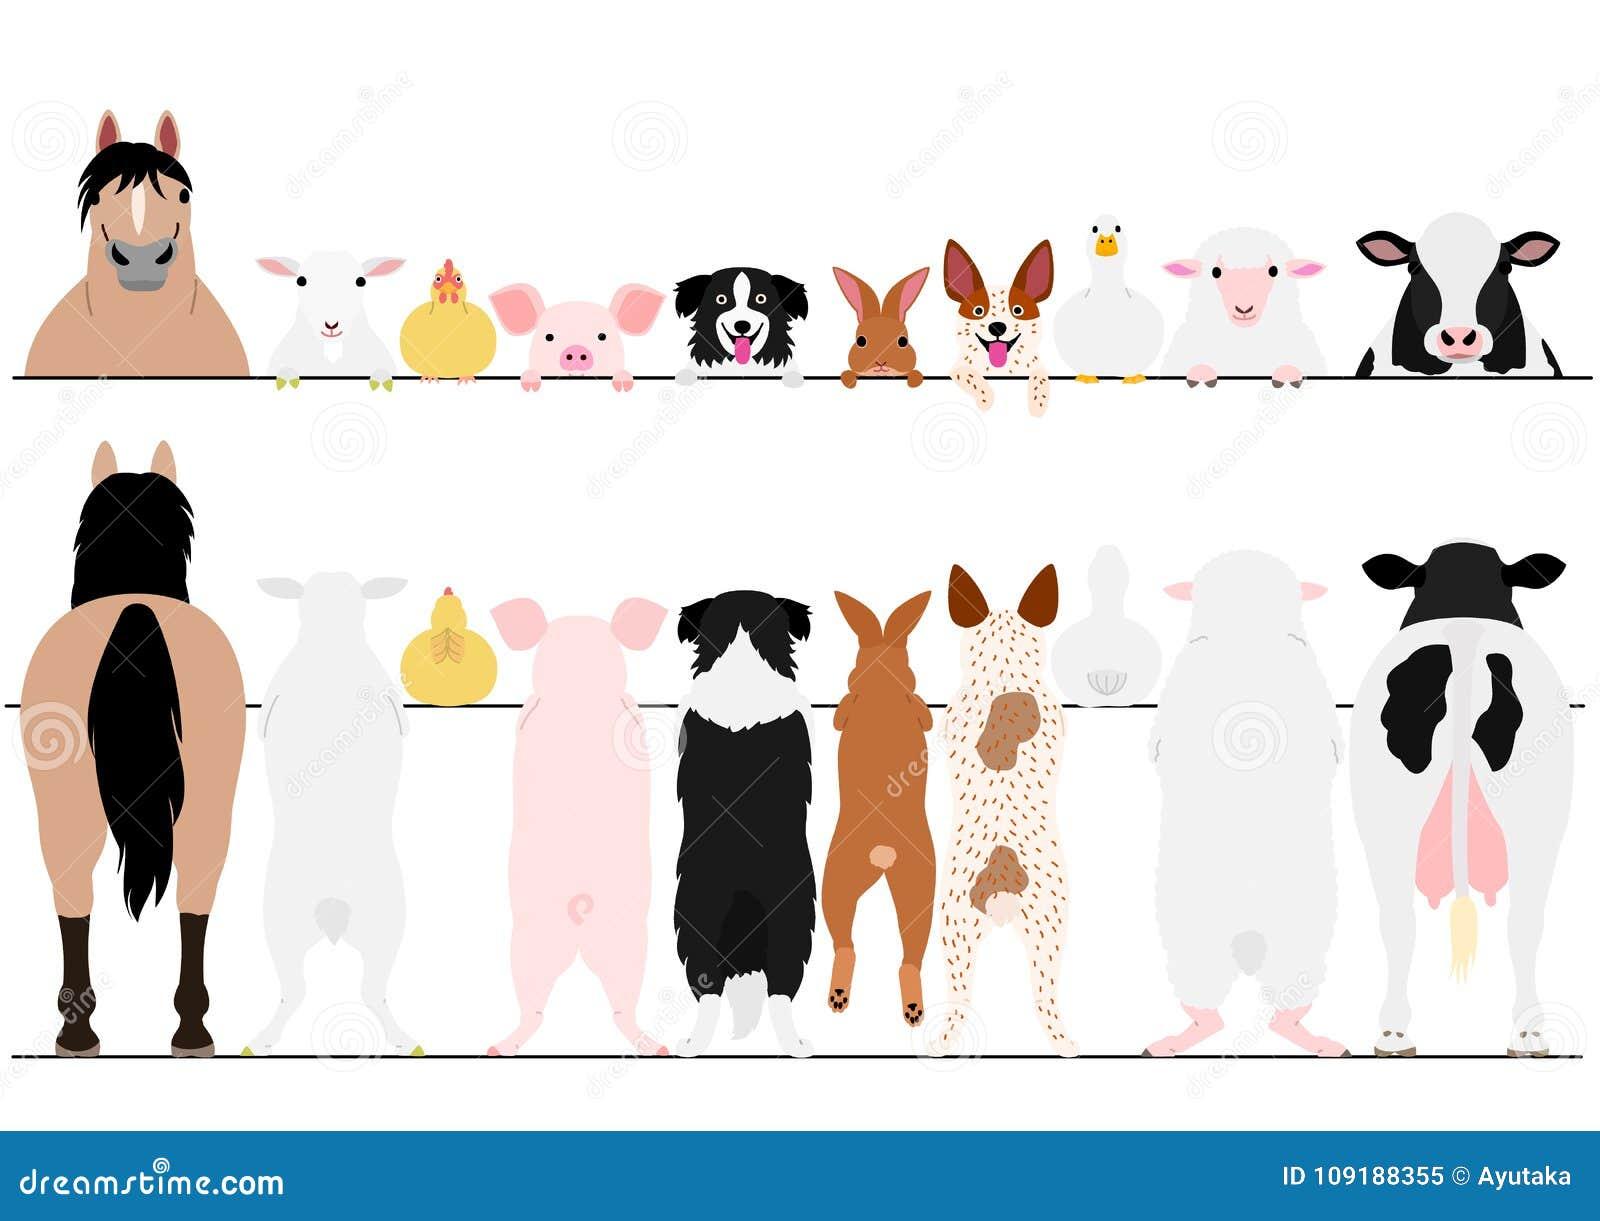 前面常设的牲口和后面边界集合